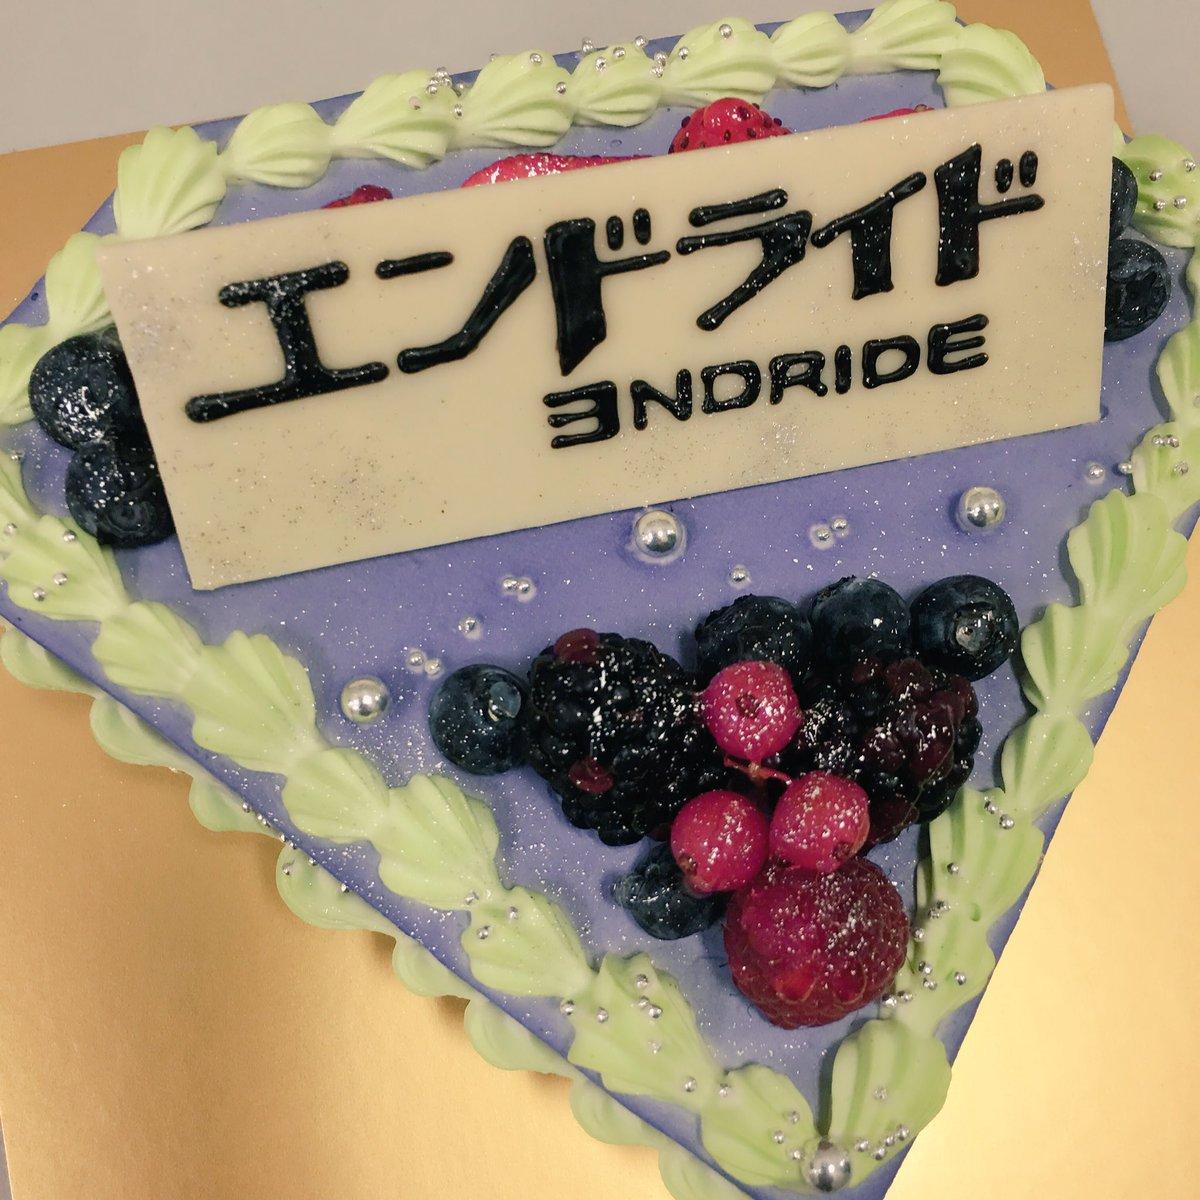 エンドライドスペシャルイベント、ありがとうございました!!!!みんなでエンドライドについてたっぷりお話できて楽しかったで